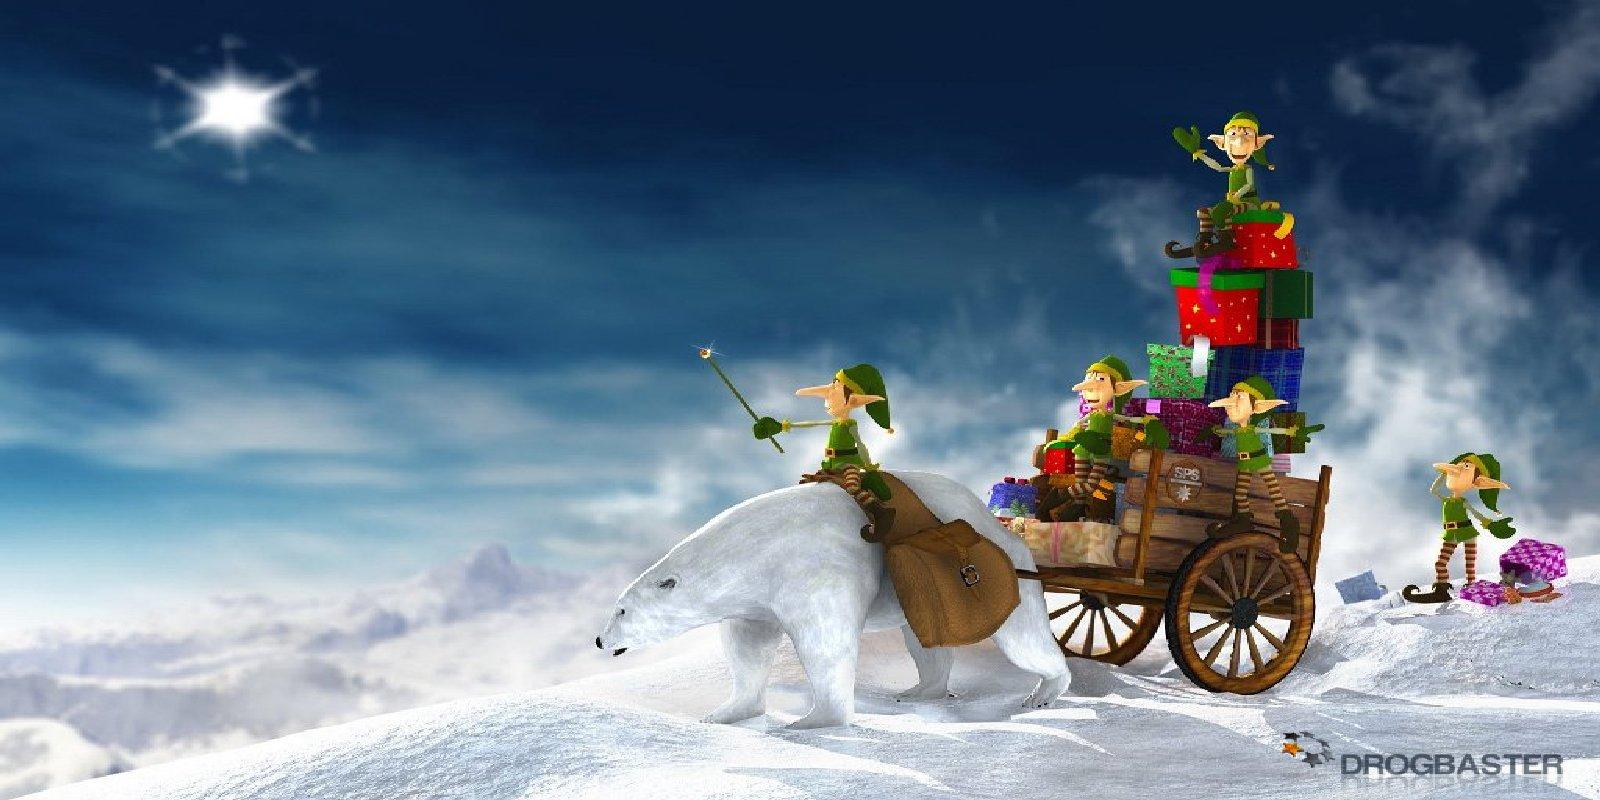 Sfondi wallpapers tema natalizio sfondi di natale gratis for Natale immagini per desktop